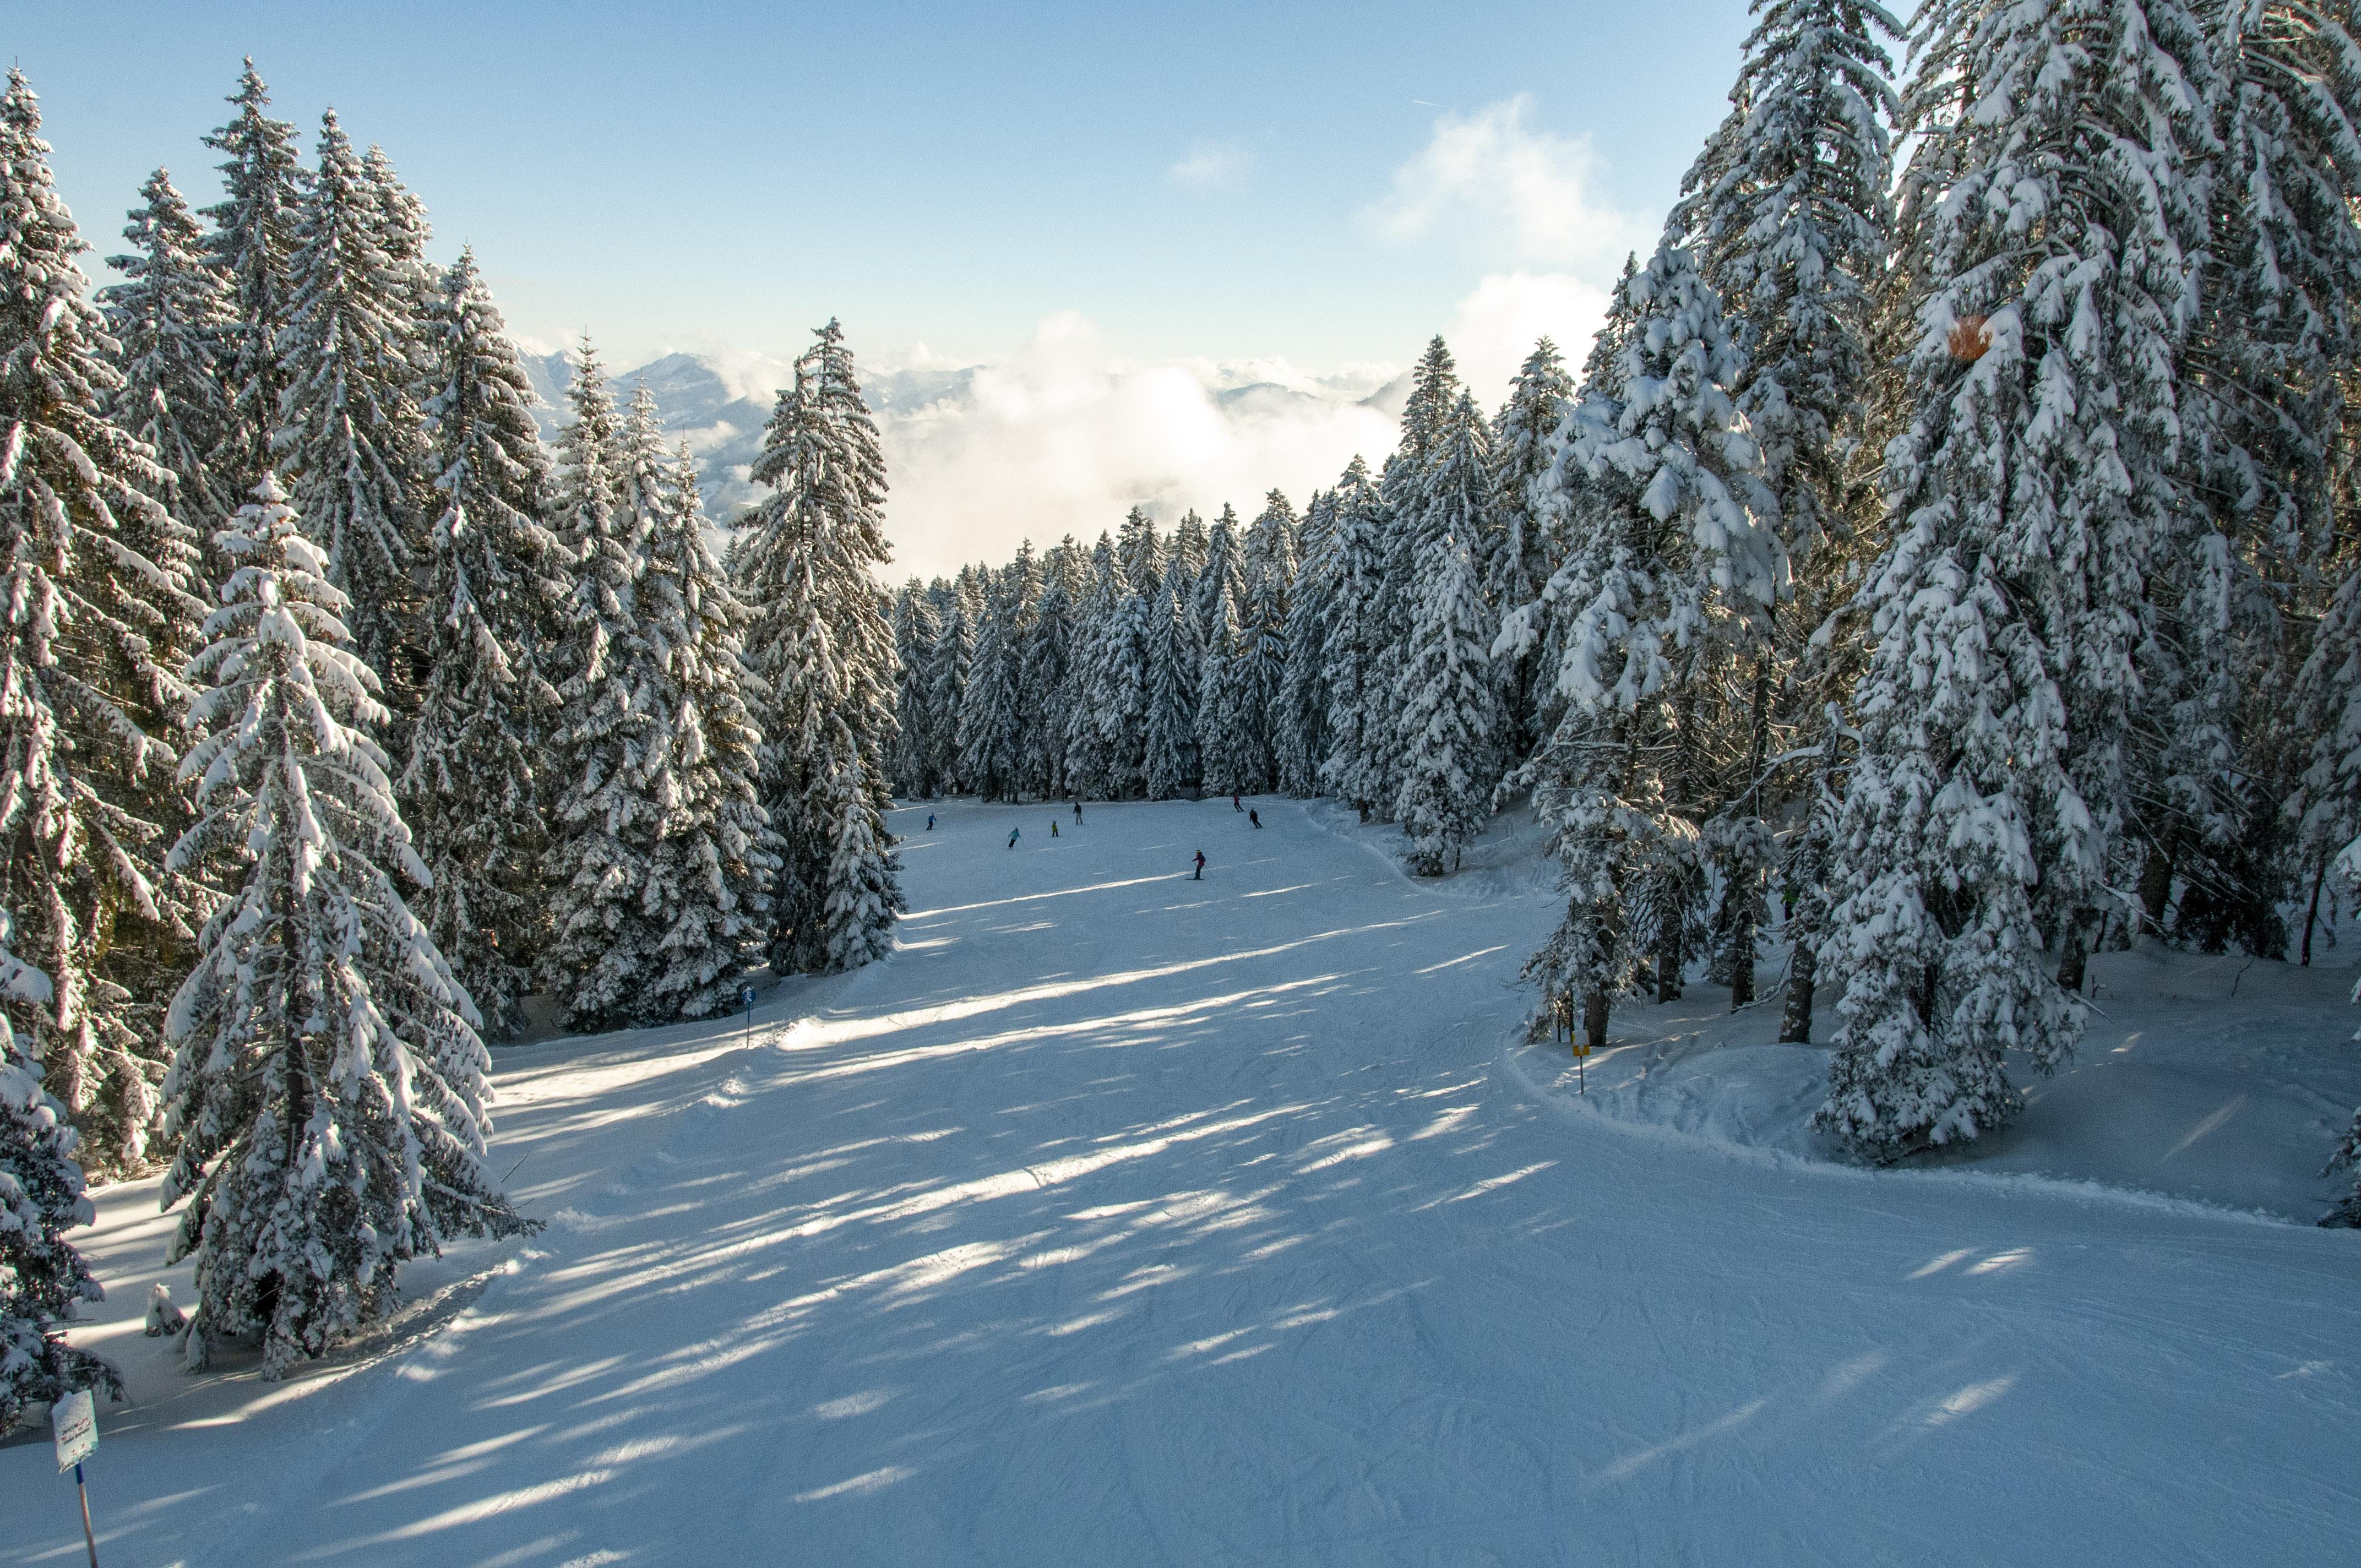 Skigebiet Bödele, Lank, Waldabfahrt / Copyright© Jürgen Kostelac, Tarifgemeinschaft Bödele